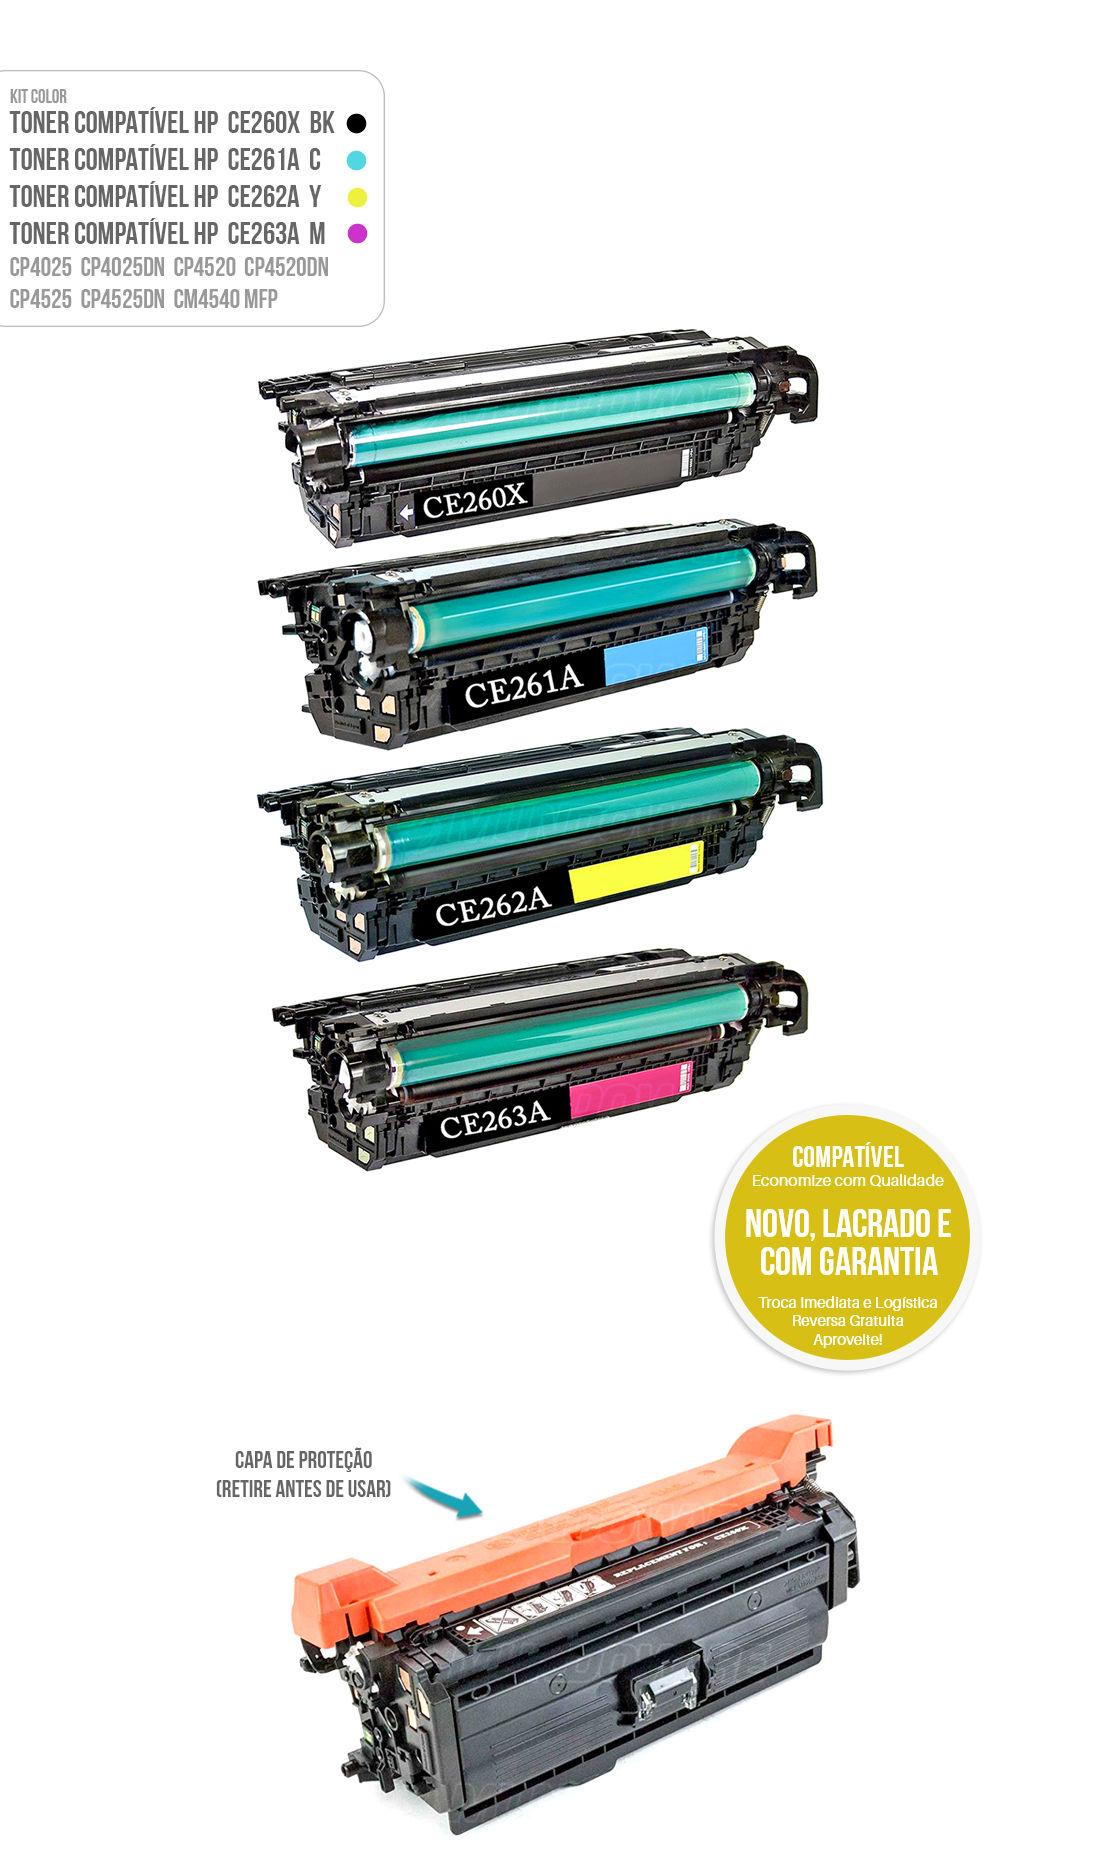 Kit 4 Cores de Toner Compatível com CE260 X CE261 CE262 CE263 A  para impressora HP CP4025 CP4520 CM4540 CP4525DN 4025DN 4520DN